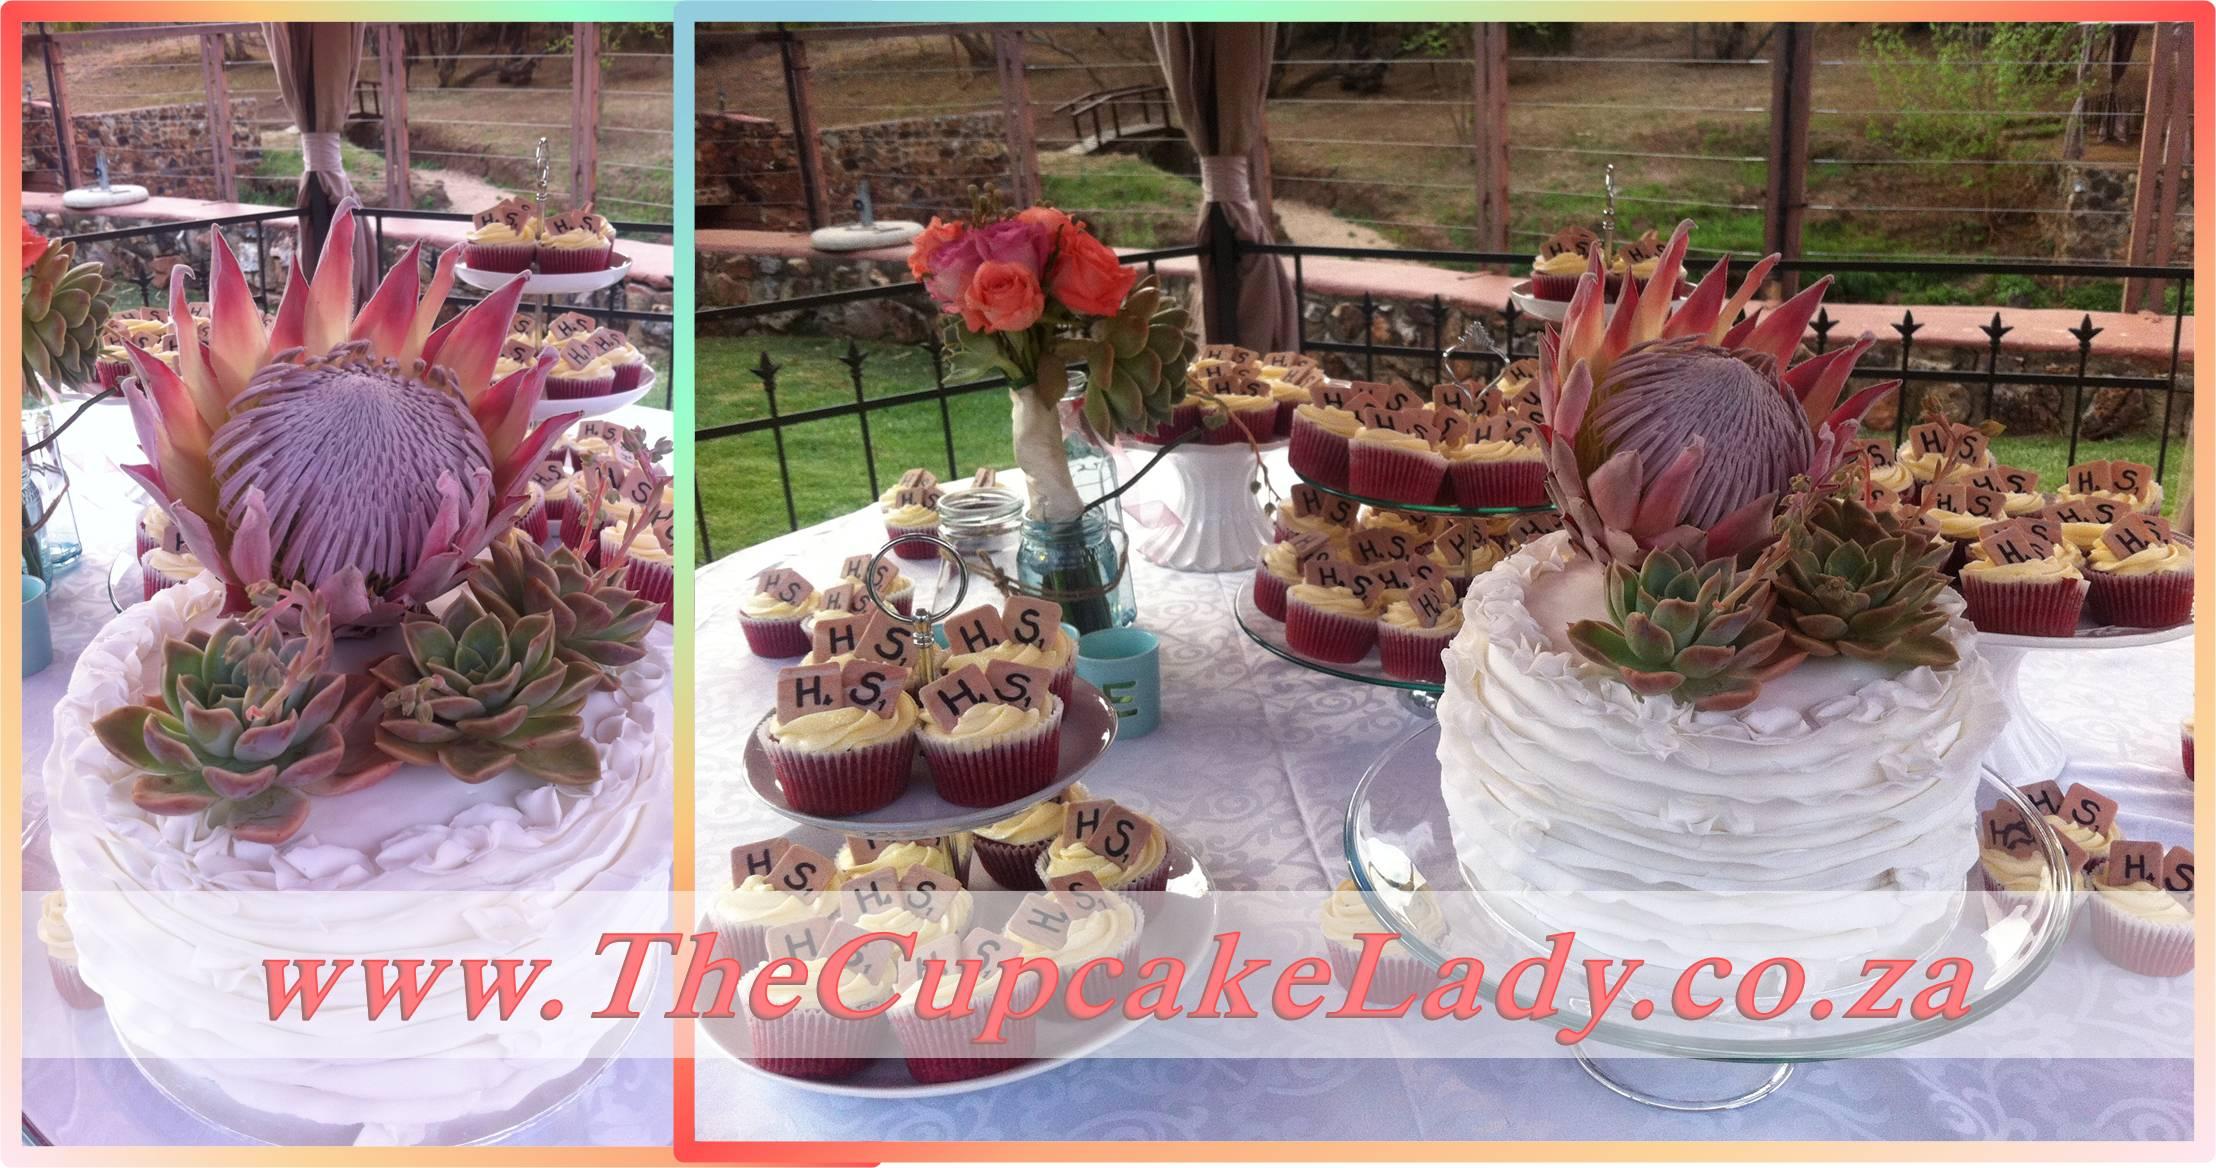 red velvet cake, ruffled cake, scrabble, shabby chic, red velvet cupcakes. cream cheese icing